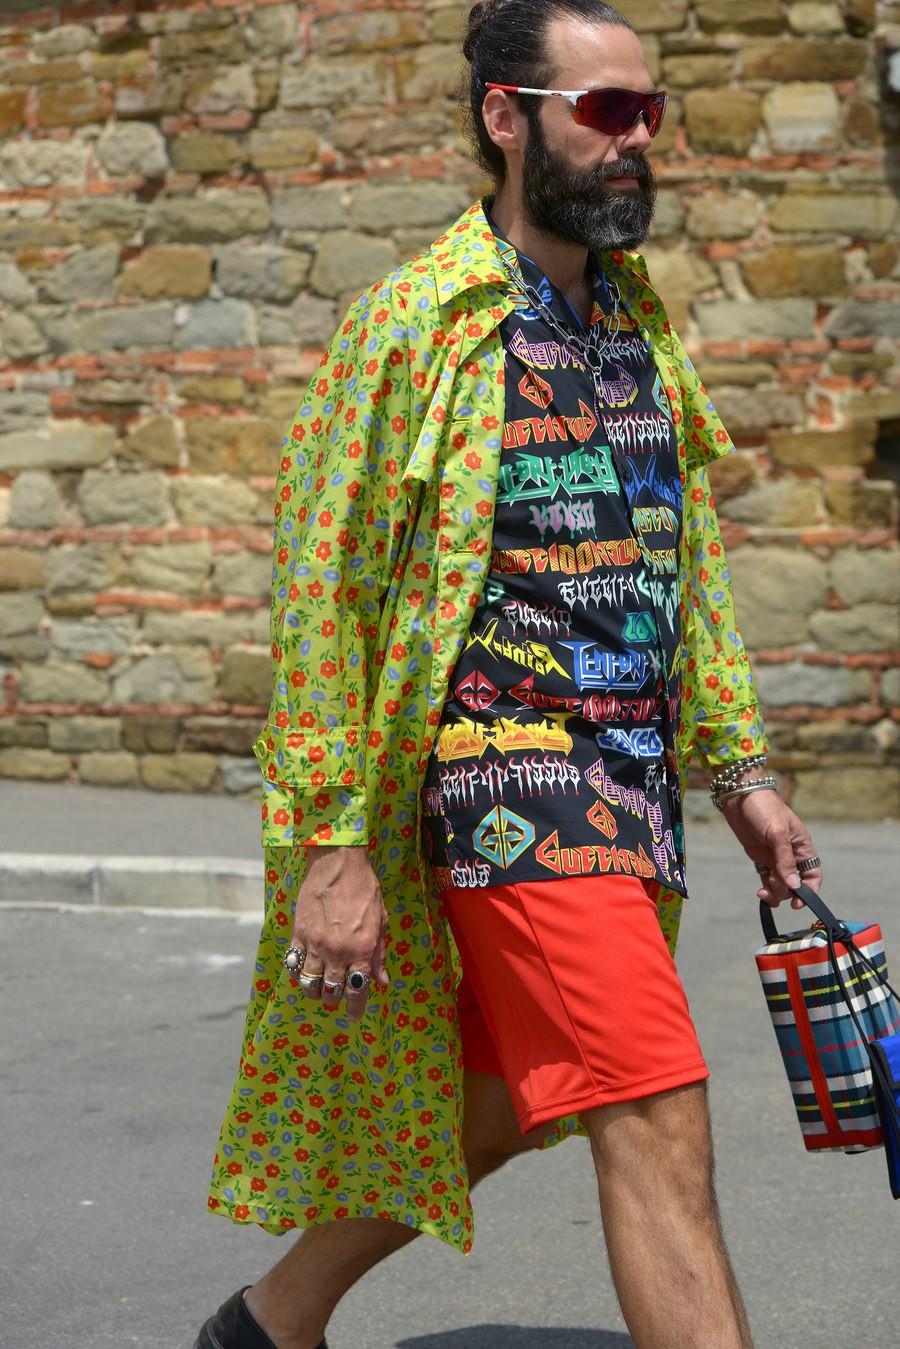 Màu mè và mát mẻ, phải chăng hình tượng những nam nhân mặc suit bảnh bao ở Pitti Uomo đã chết rồi? - Ảnh 5.